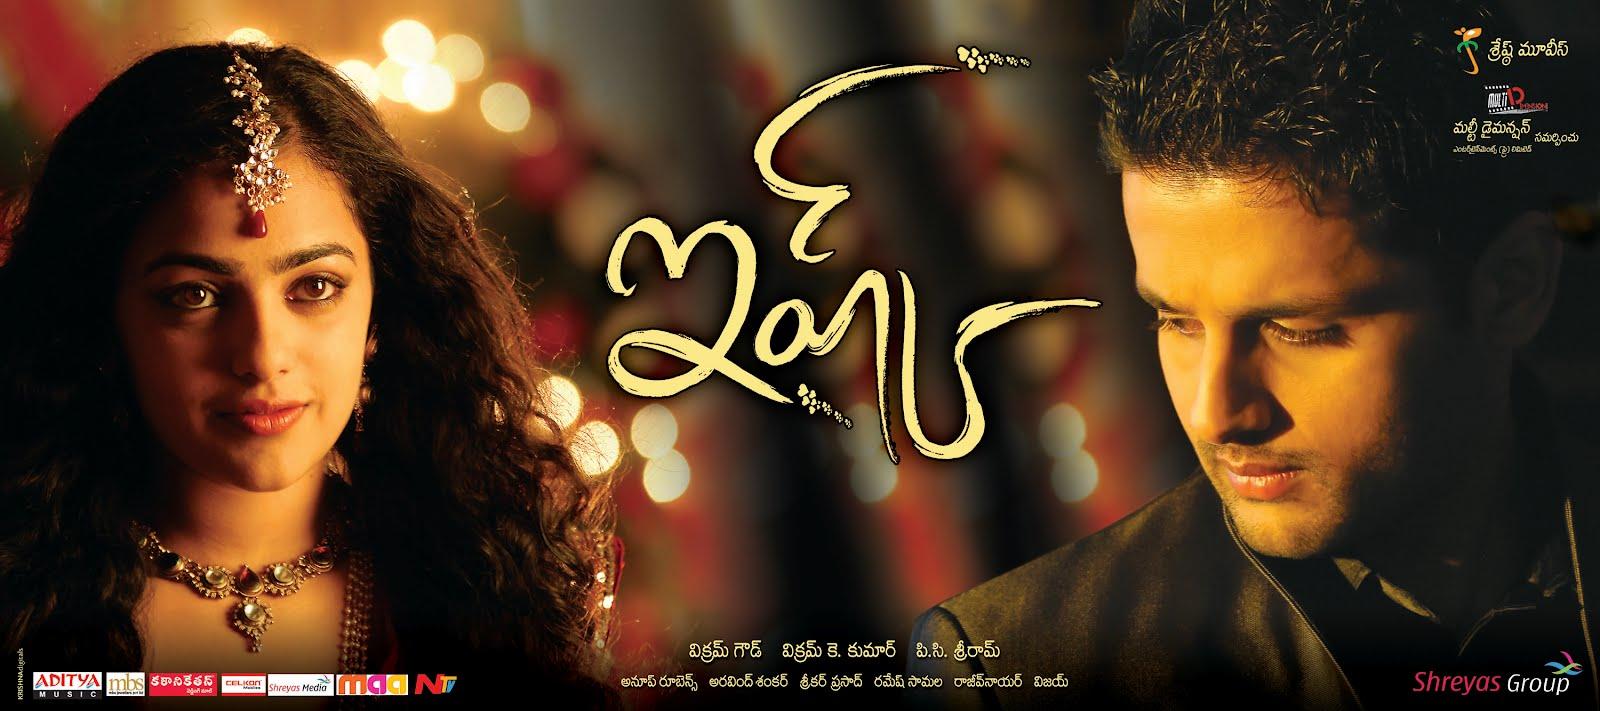 Ishq Telugu Movie Video Songs Hd Mastimusiq